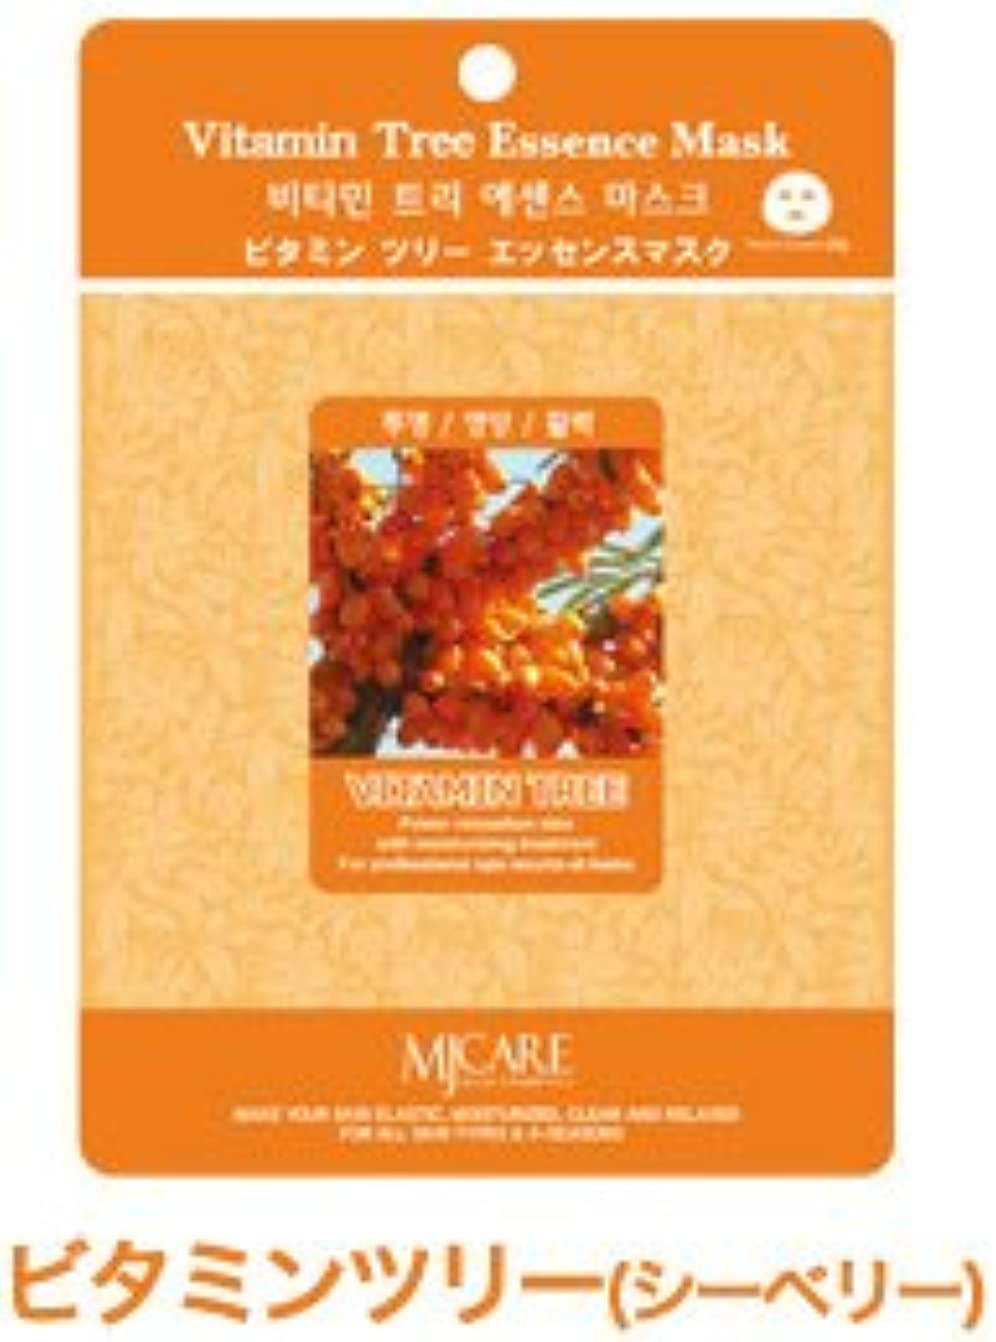 植木アンソロジーあらゆる種類のフェイスパック ビタミン ツリー 韓国コスメ MIJIN(ミジン)コスメ 口コミ ランキングNo1 おすすめ エッセンス シートマスク 100枚